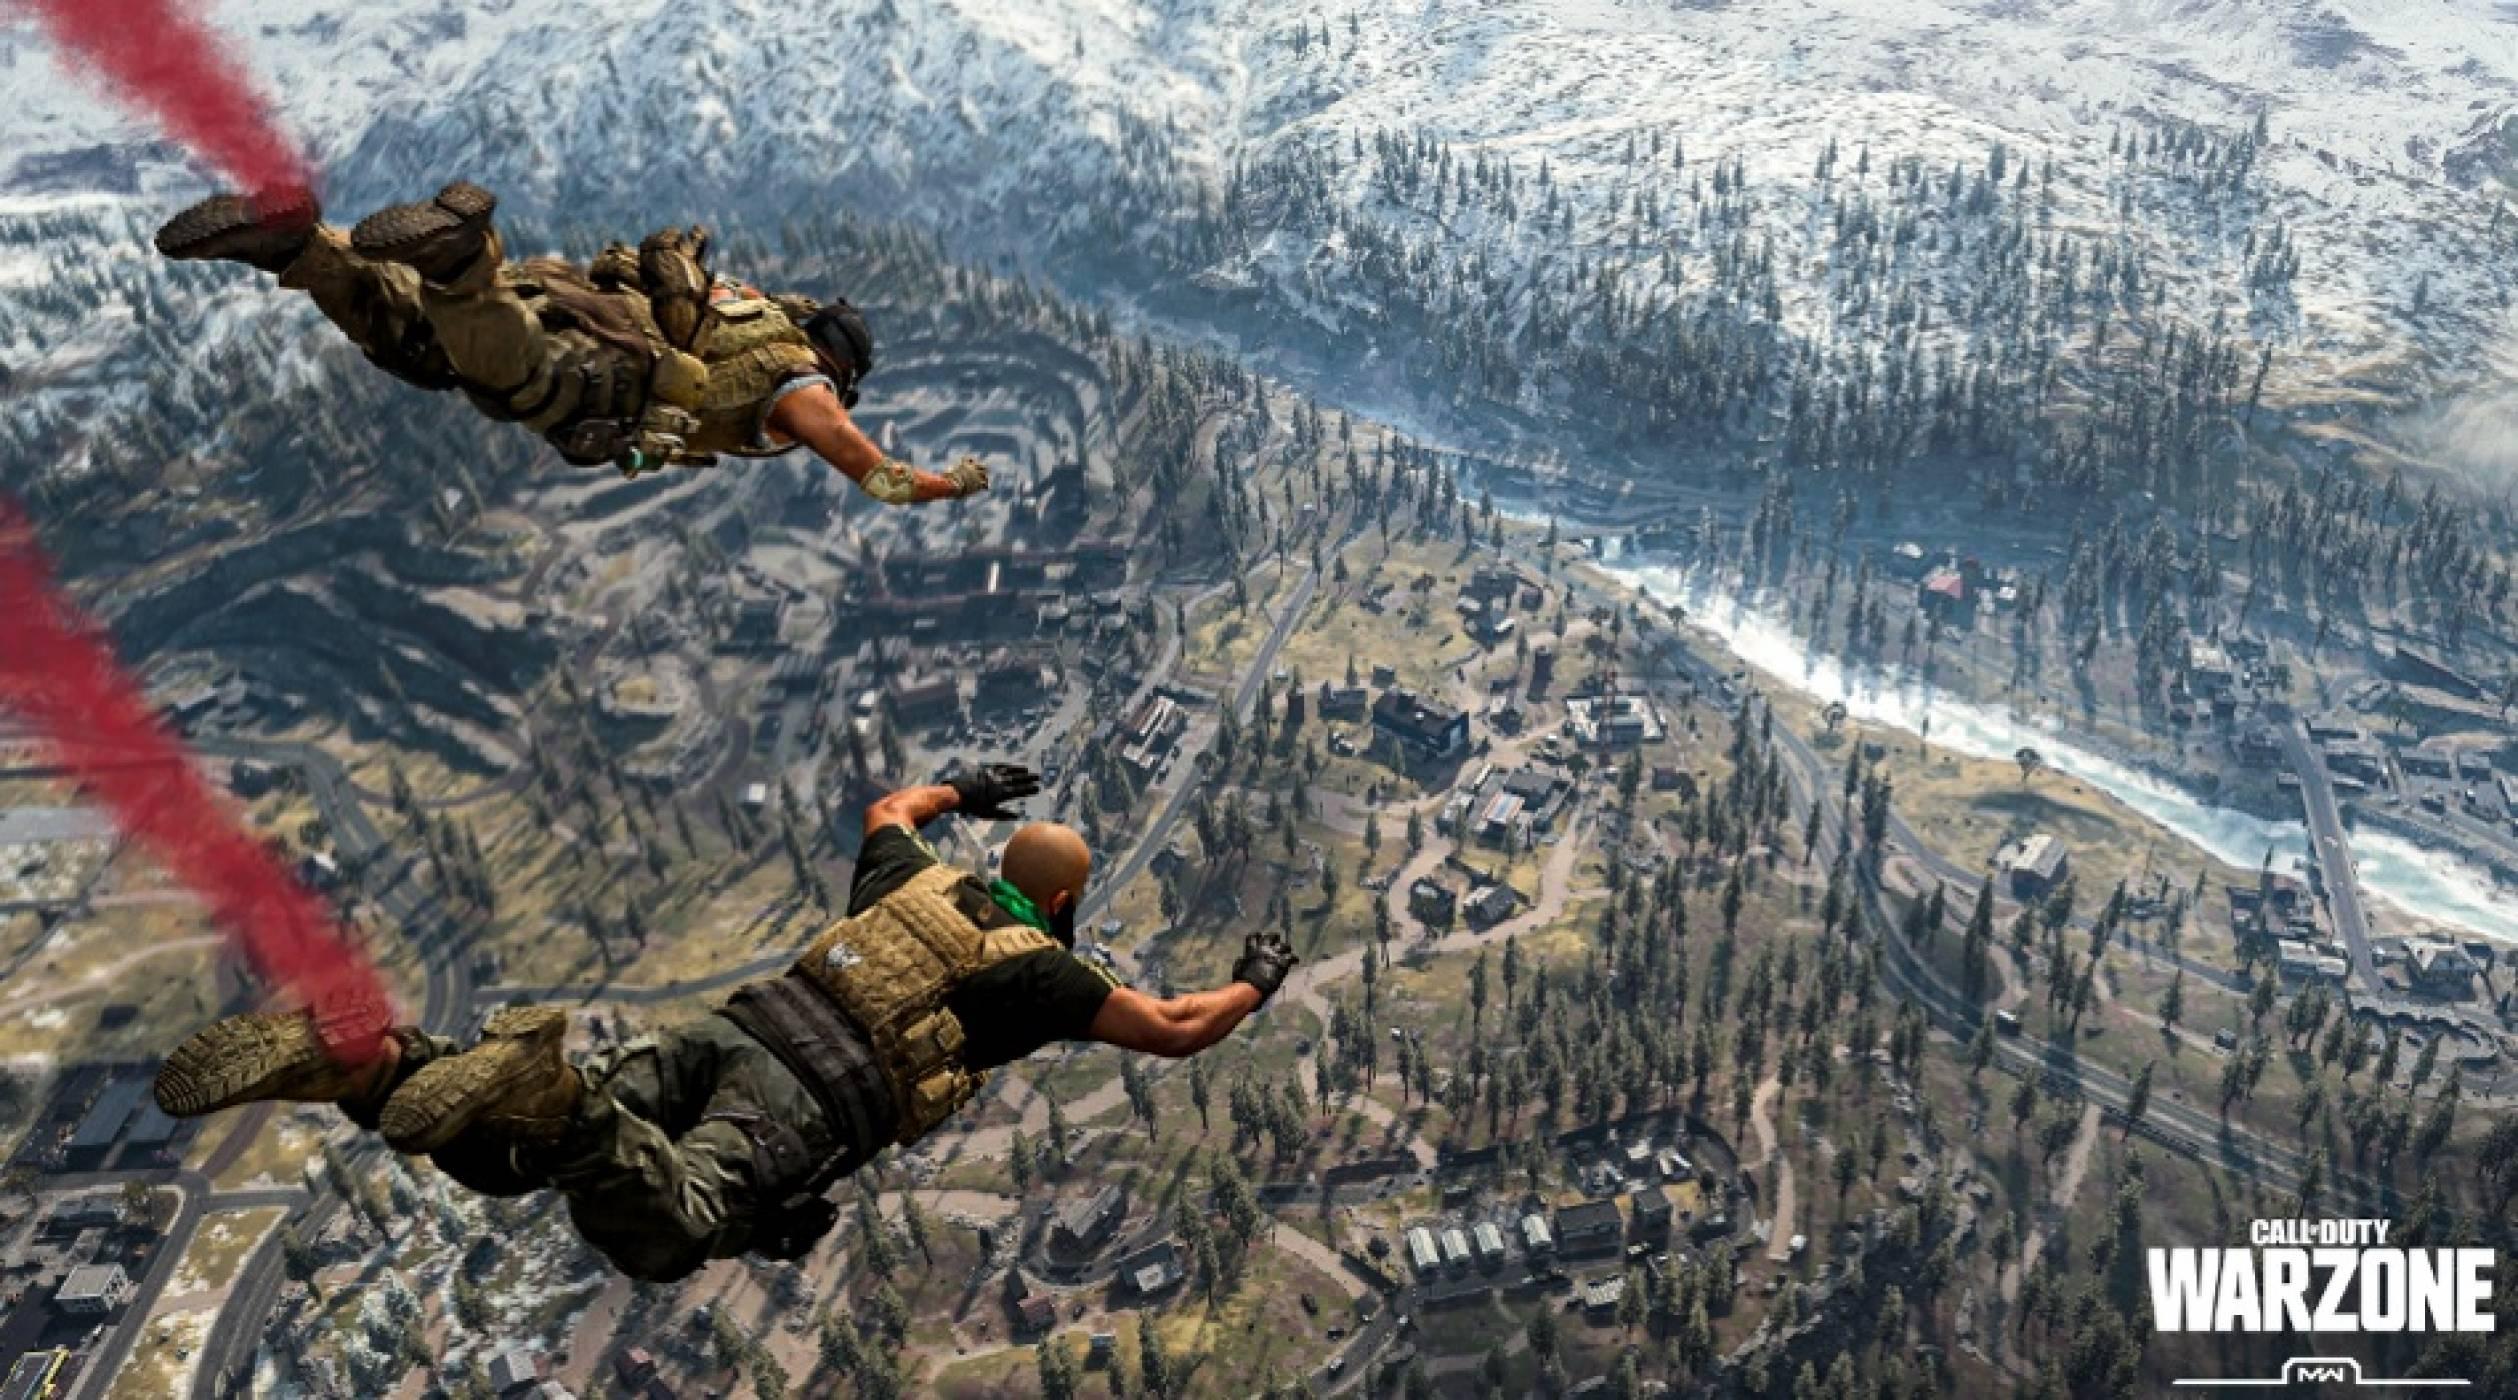 Милиони напълниха сървърите на Call of Duty: Warzone